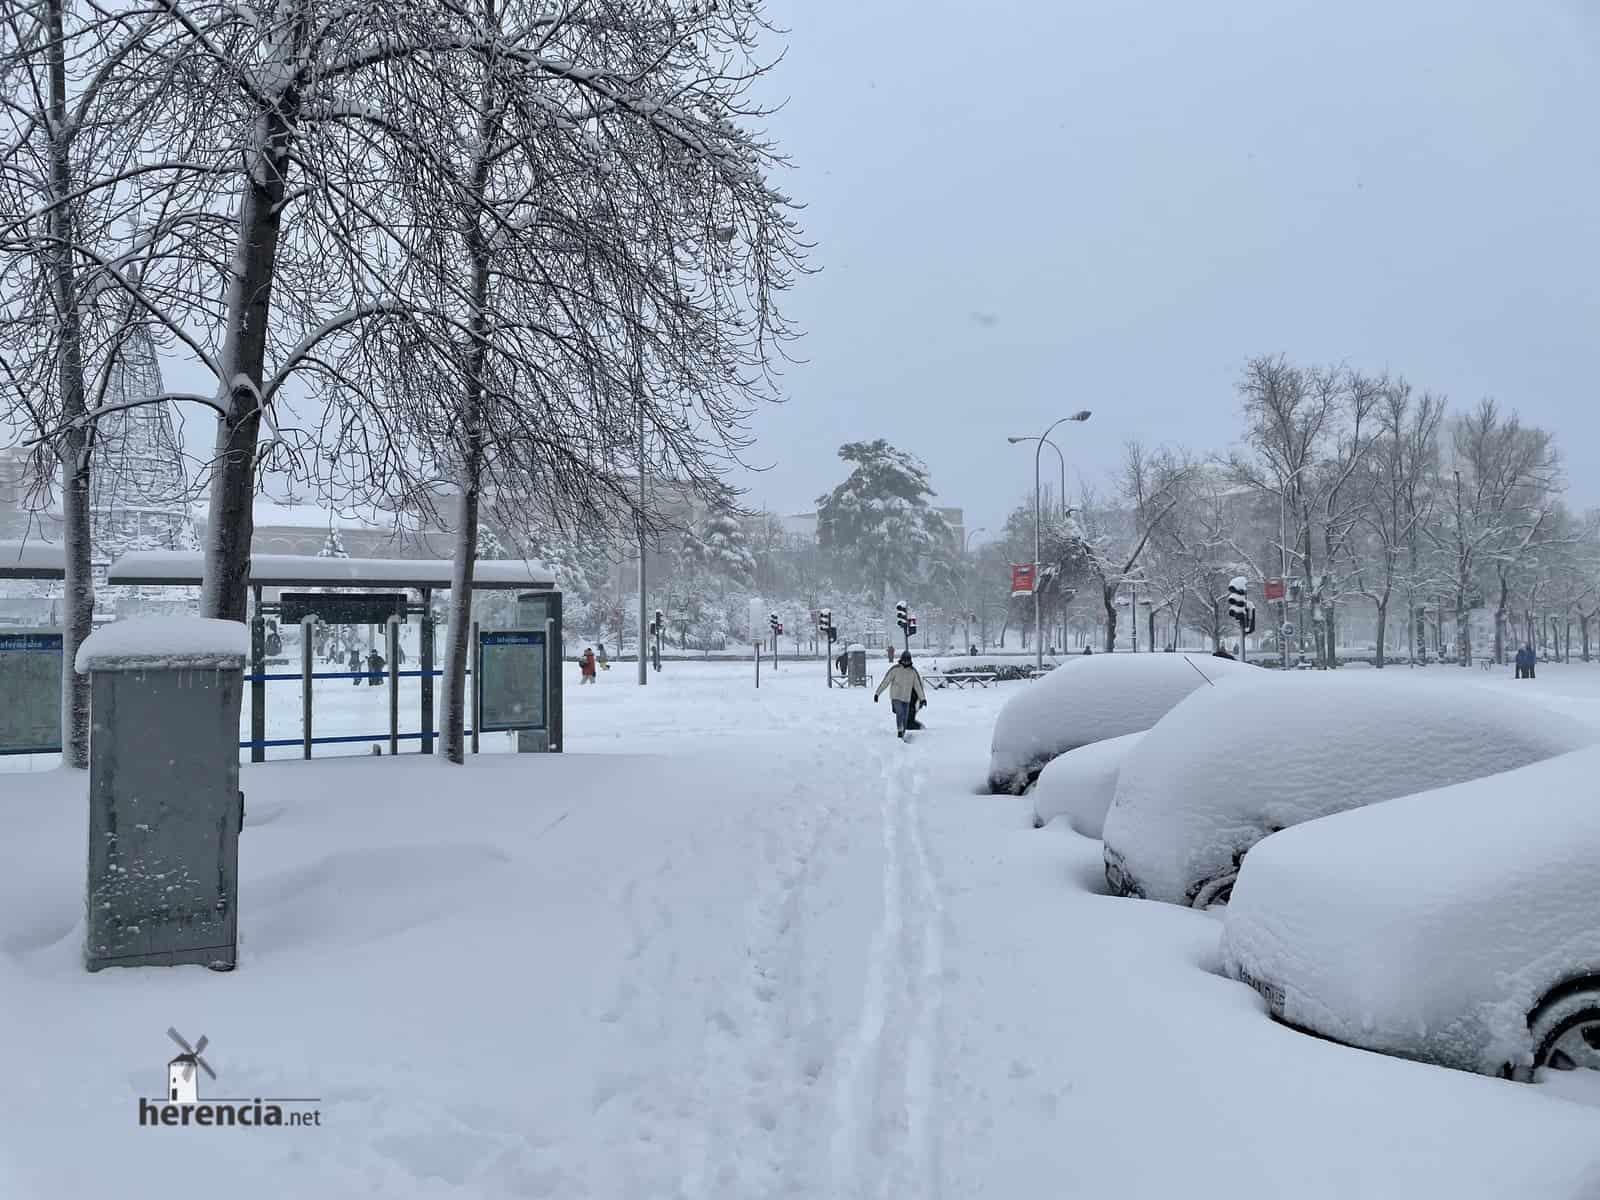 Fotografías de la nevada de enero en Madrid (España) 227